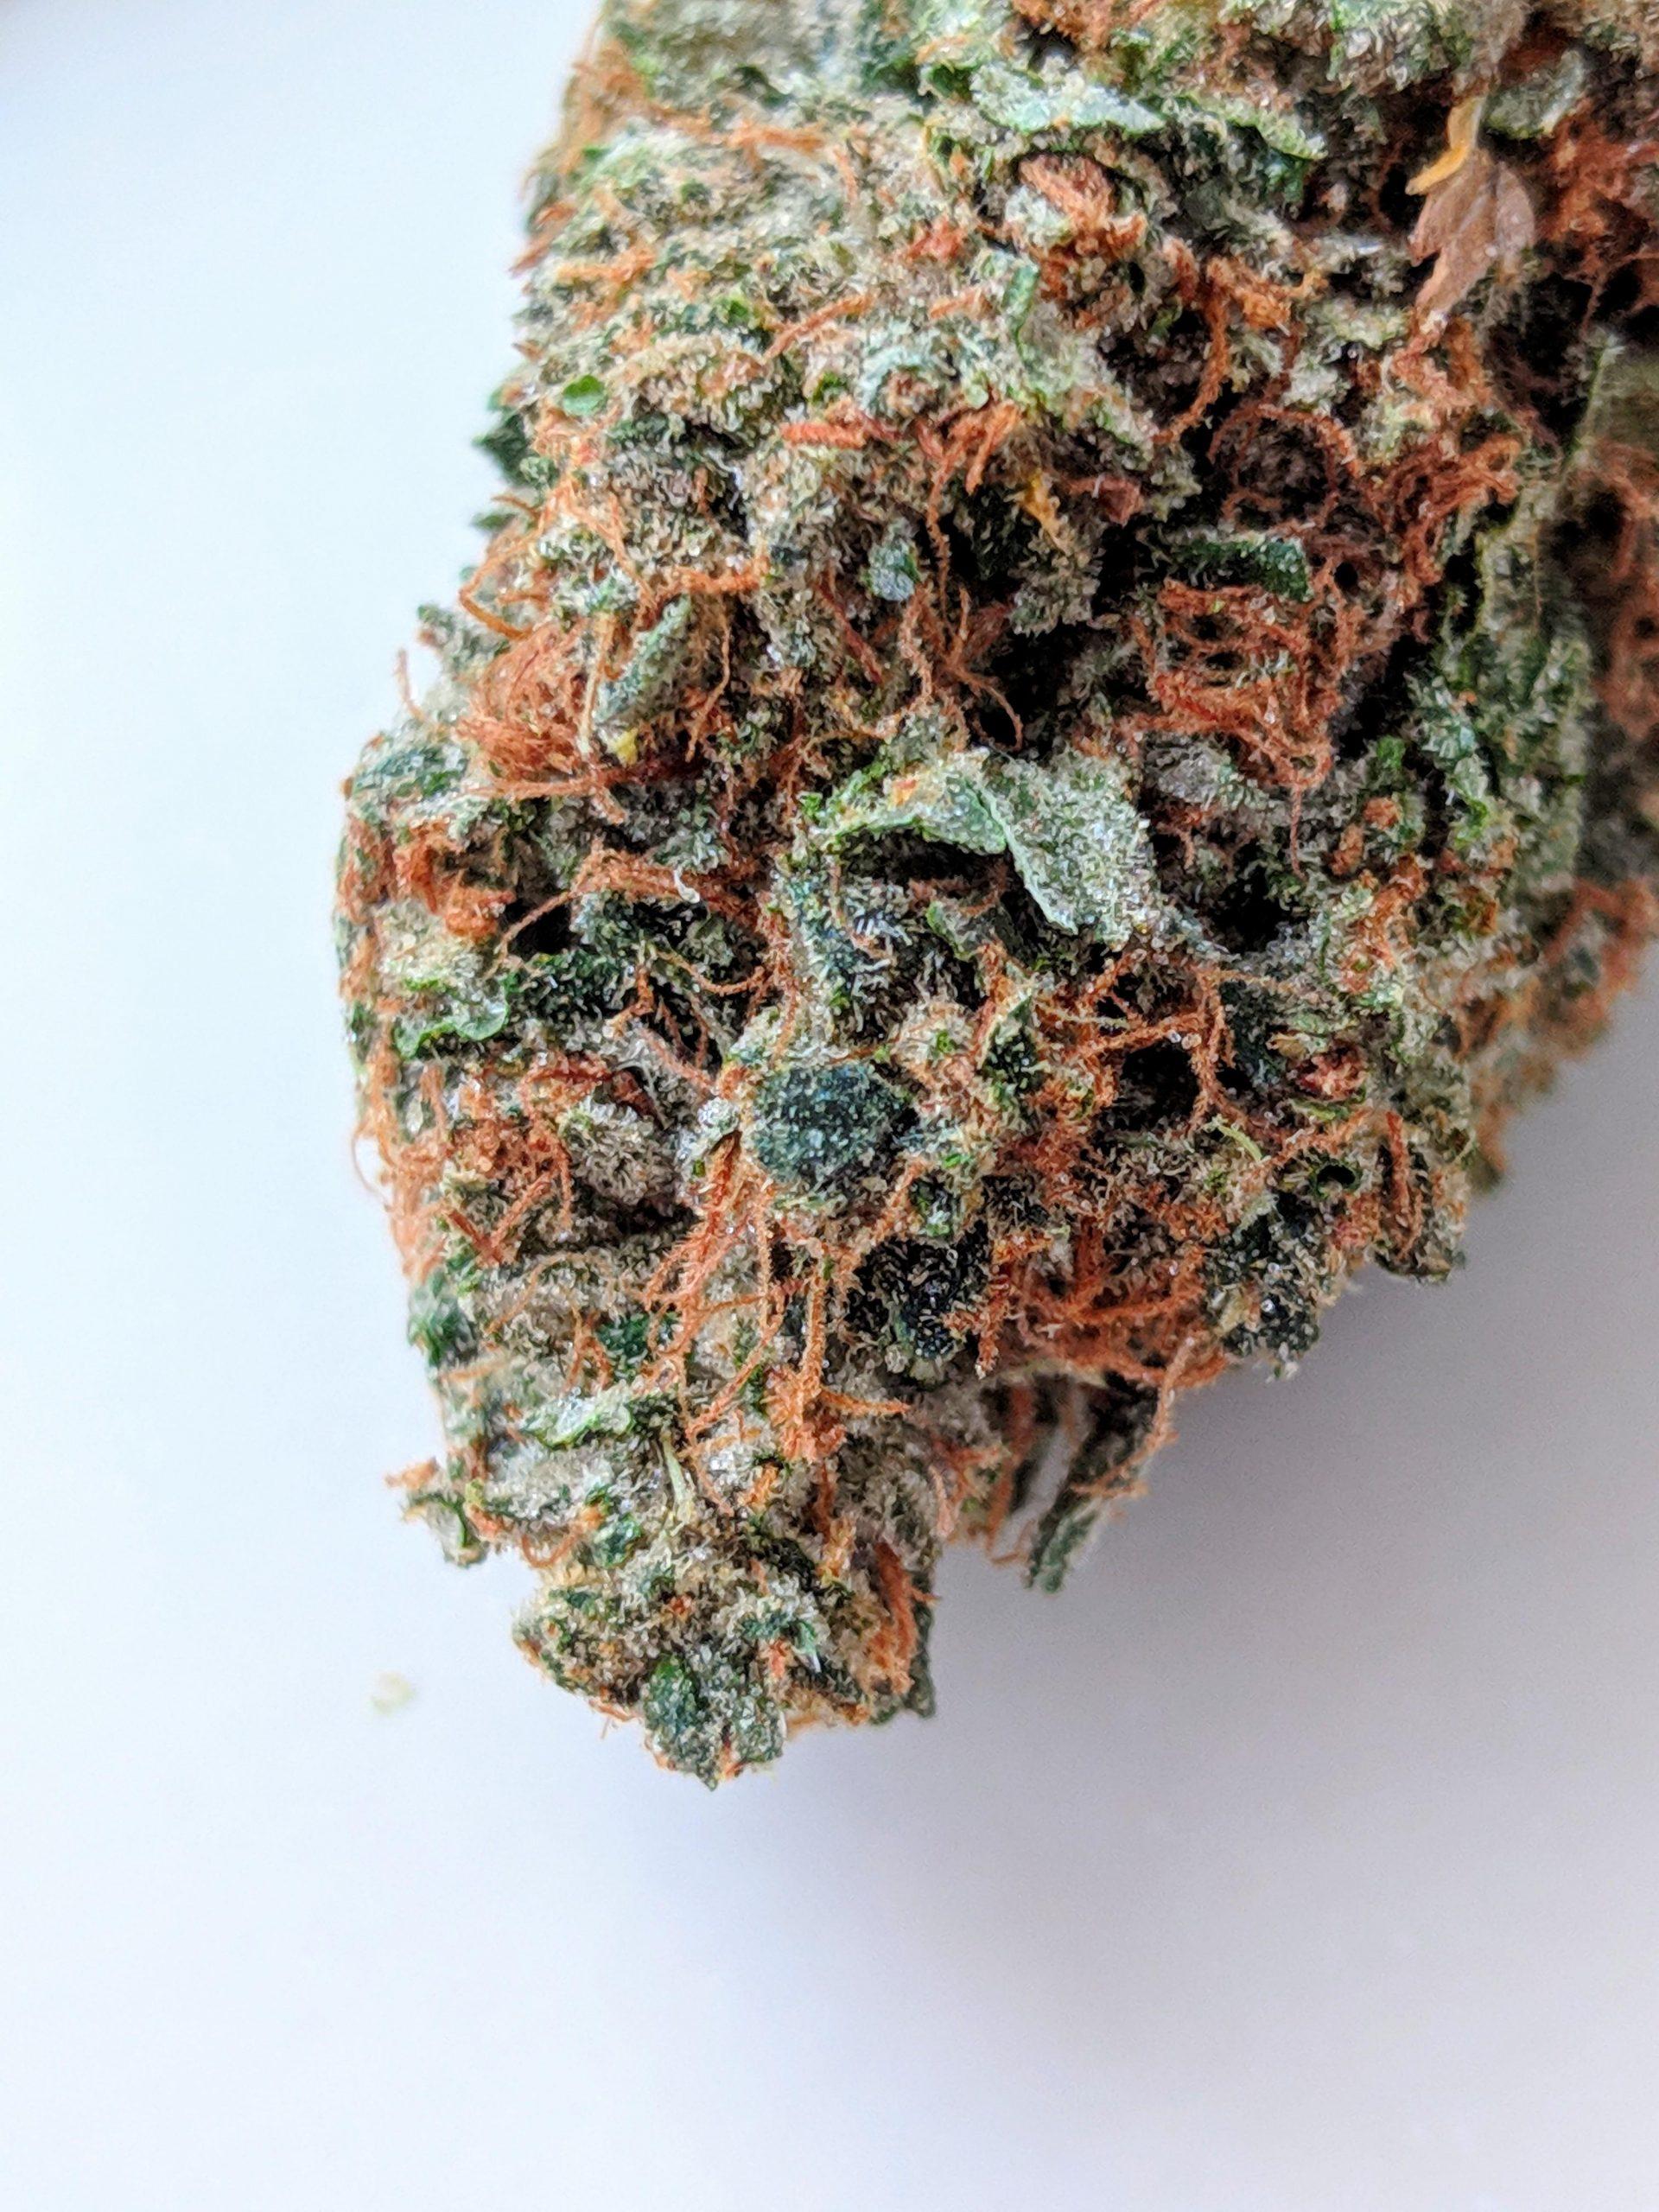 Buy Weed Online Features